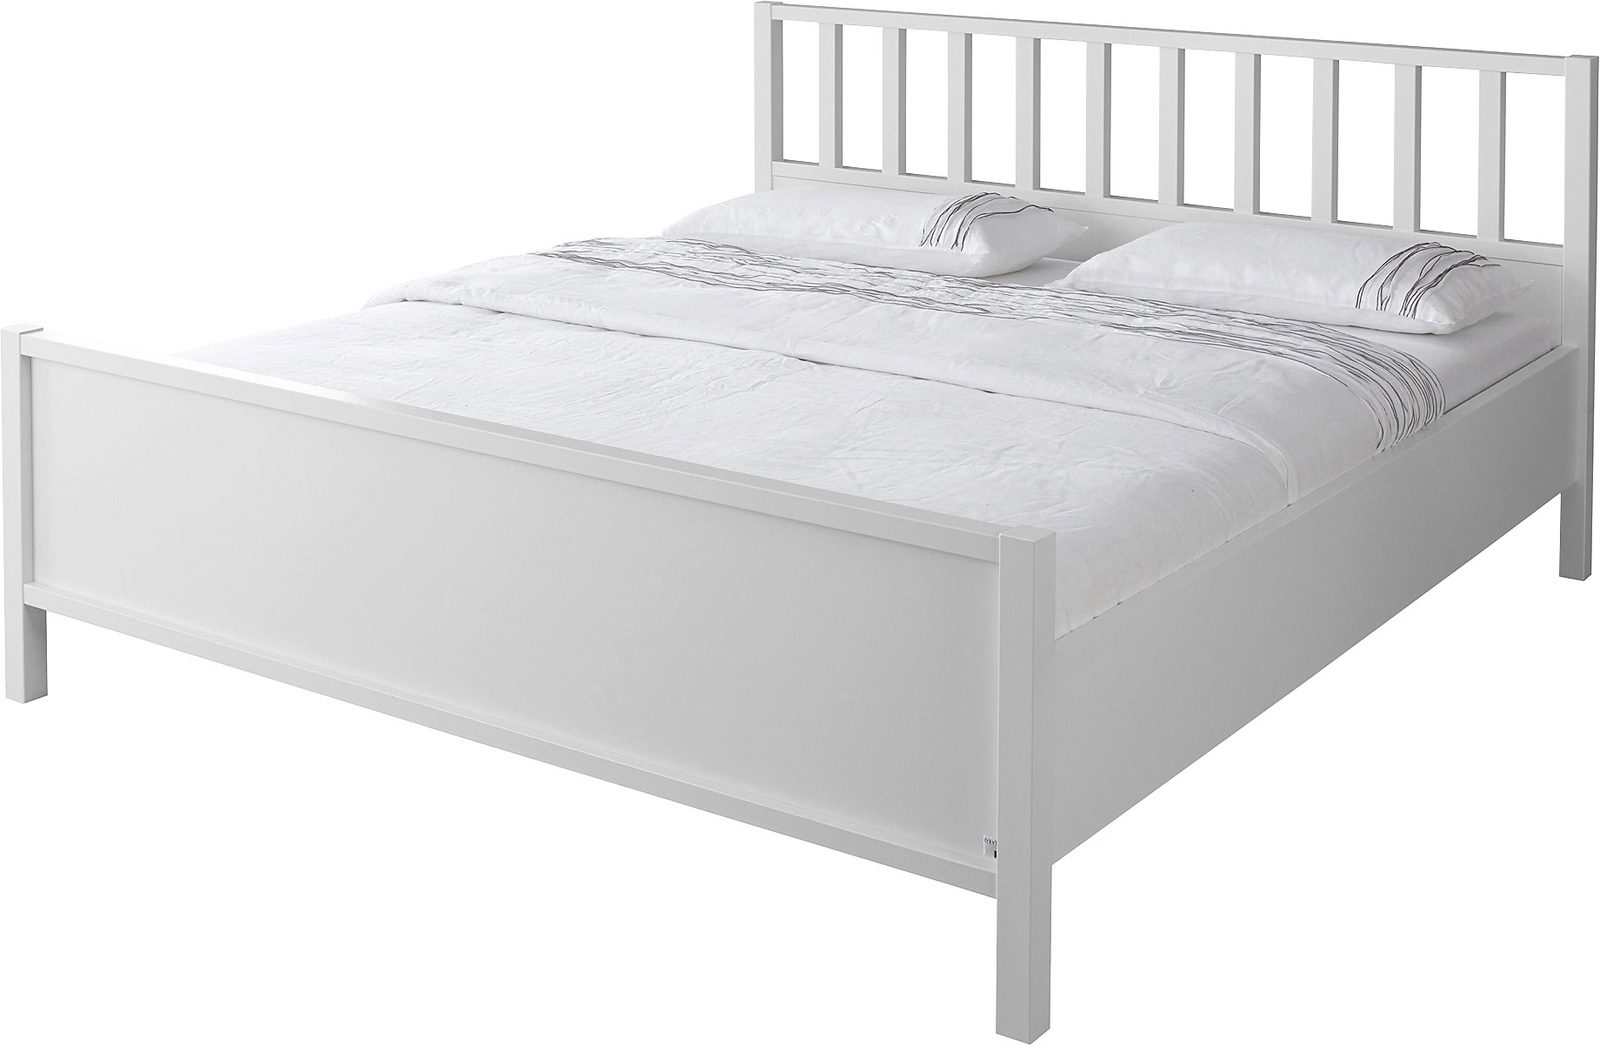 rauch SELECT Bett, mit Sprossenkopfteil - broschei